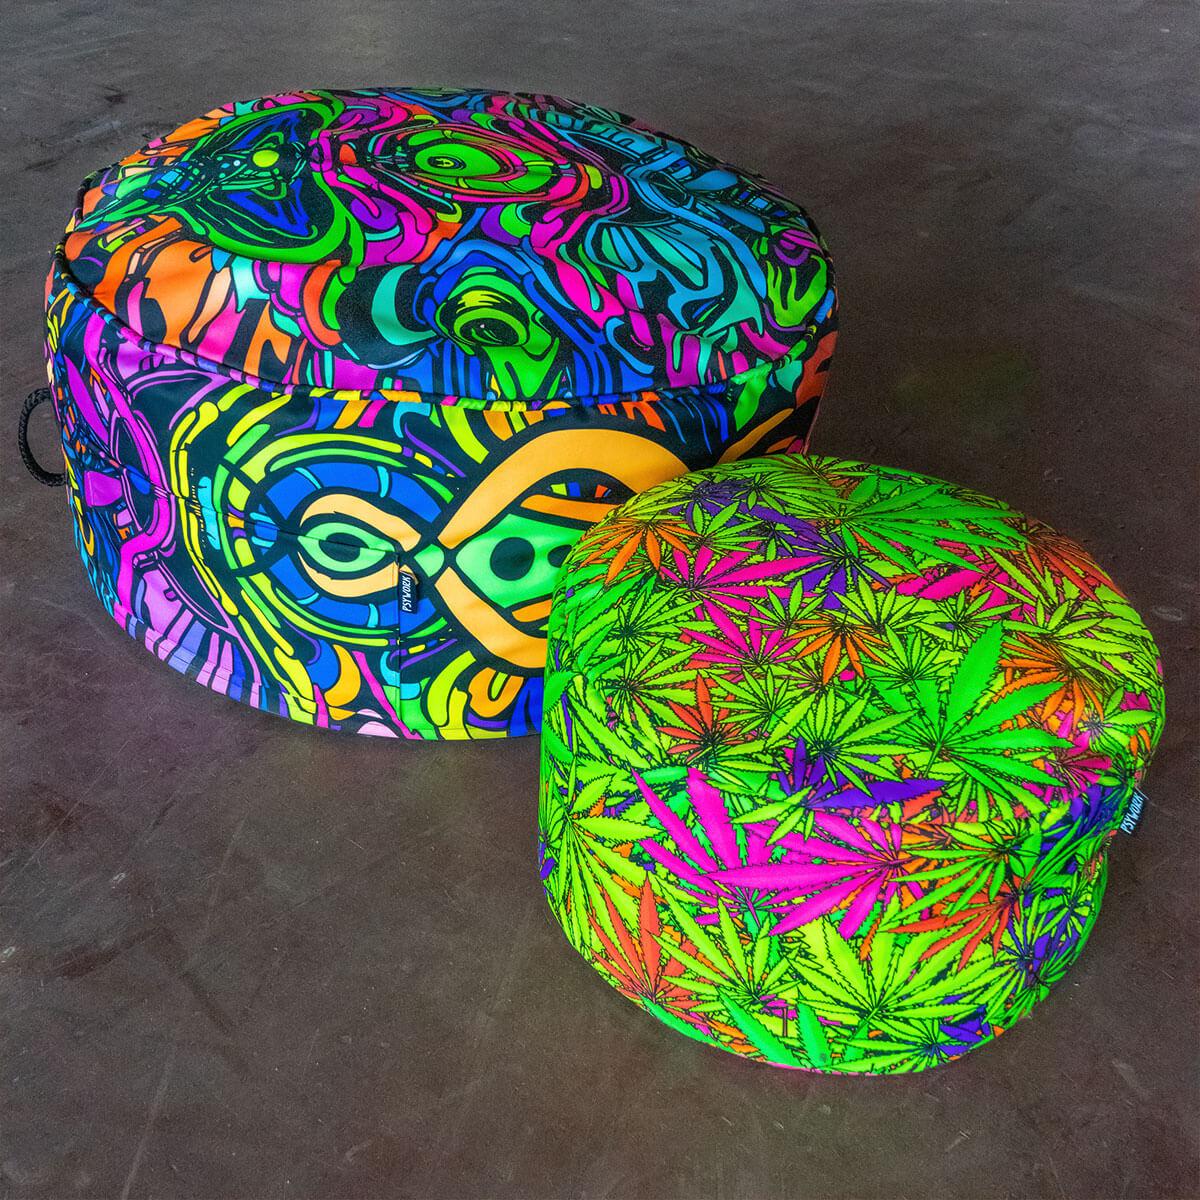 Sitzkissen aus Neon Textildruck